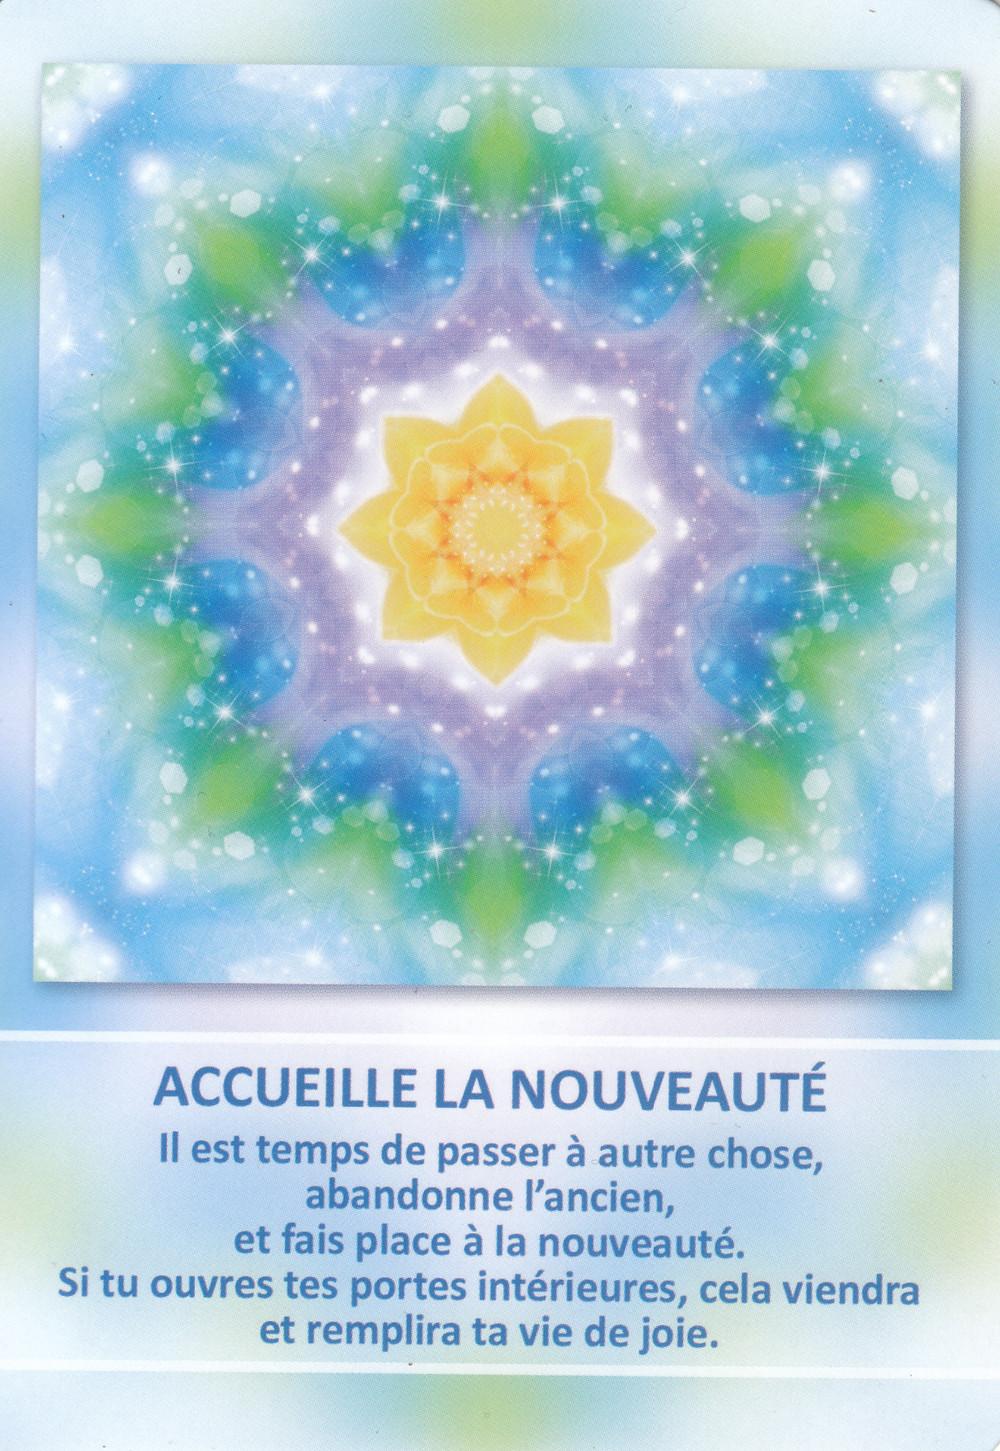 arte de L'Oracle des Mandalas d'Énergie de Gaby Shayana Hoffmann - Accueille la nouveauté - Energies et conseils du 31 mars 2020 : Tournons la page !